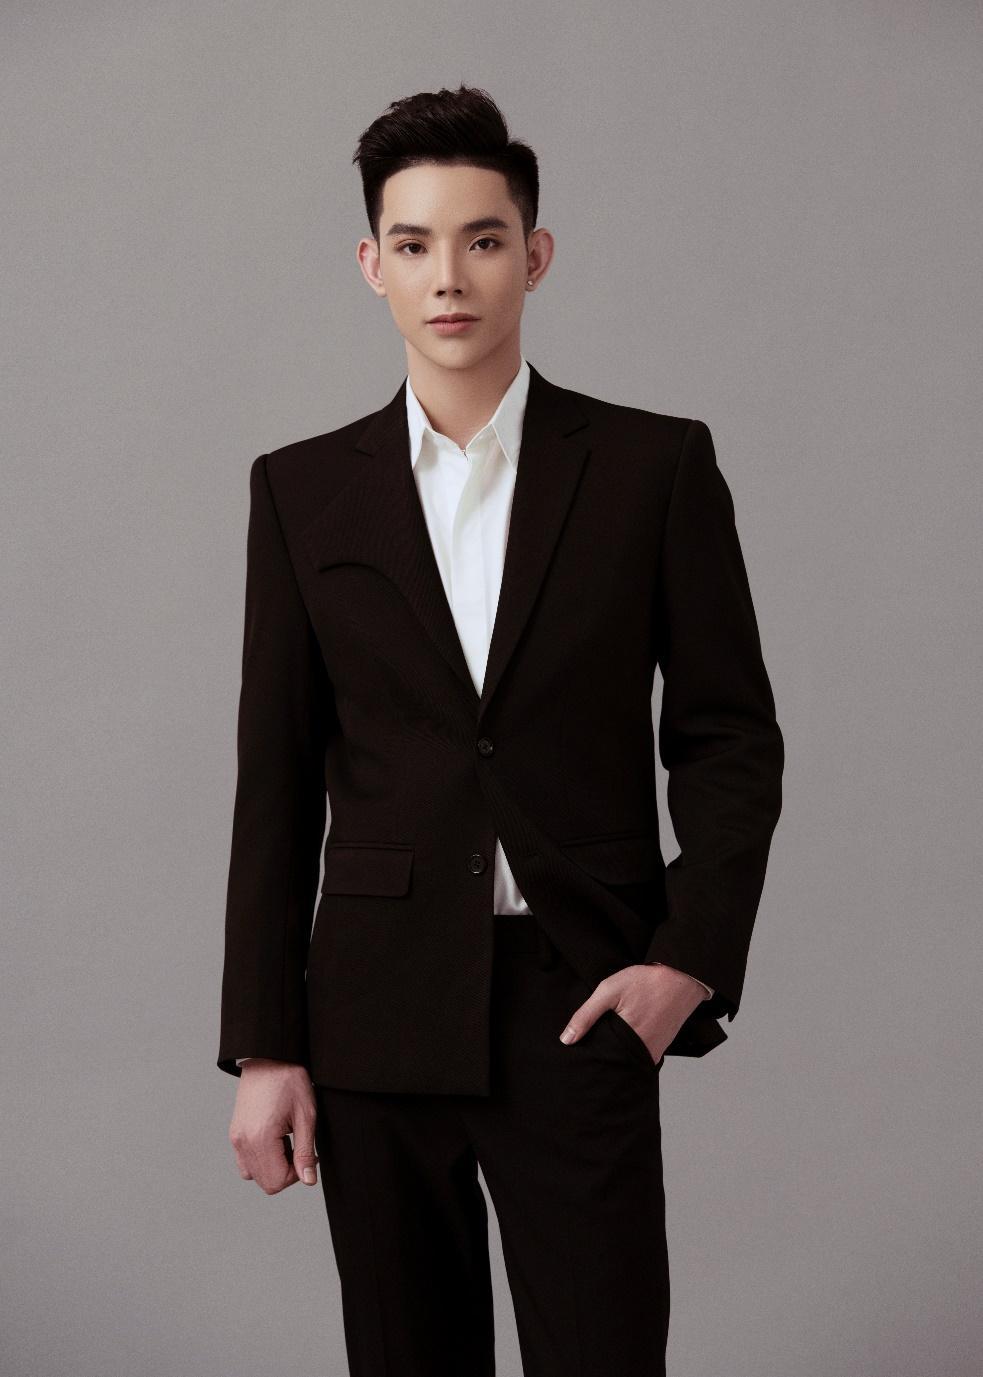 CEO Nguyễn Quang Hiển - doanh nhân trẻ đam mê chinh phục giấc mơ làm đẹp - Ảnh 2